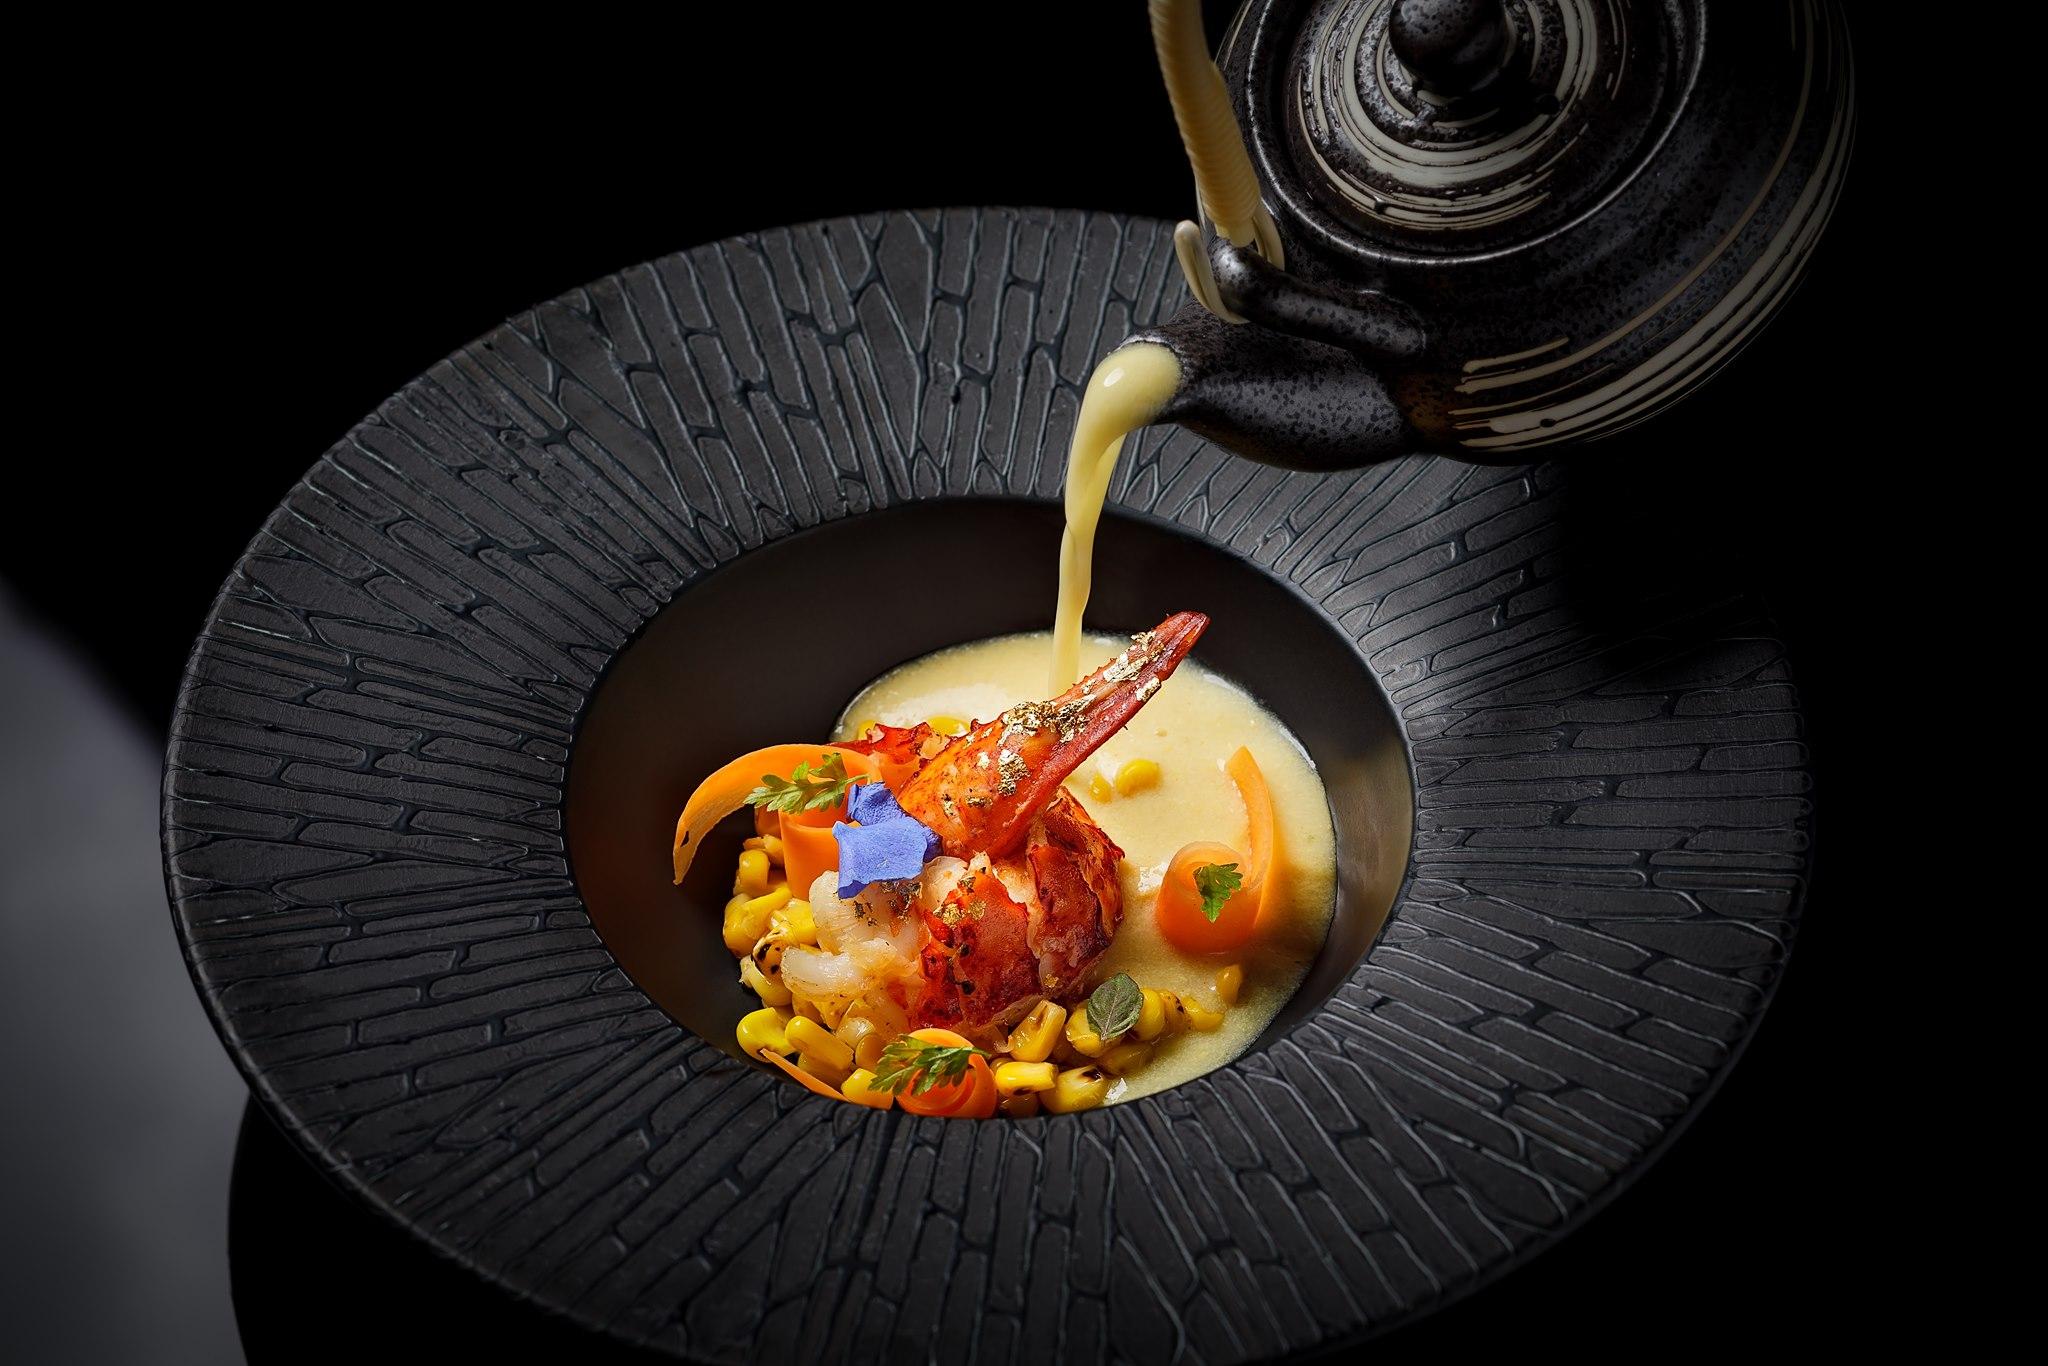 【生日、拍拖、慶祝周年紀念日】情調行先!令約會加分的特色餐廳推介 除了可嘗盡亞洲及歐洲菜色外,位於30樓頂層的則是酒吧Aqua Spirit。